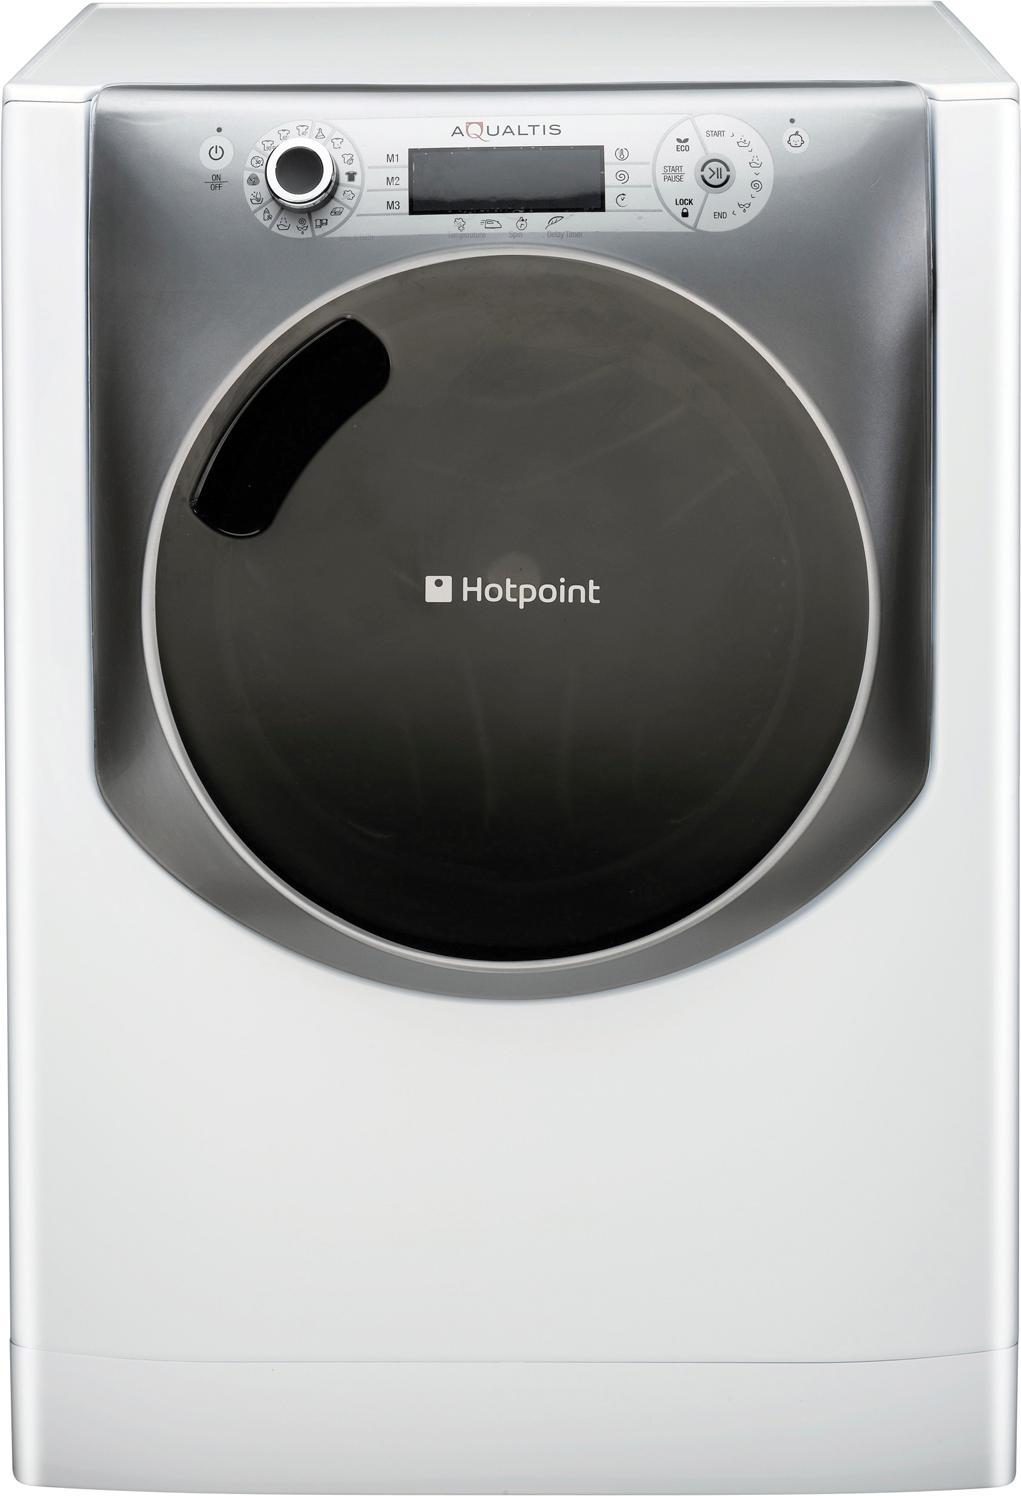 Hotpoint AQ113D 697